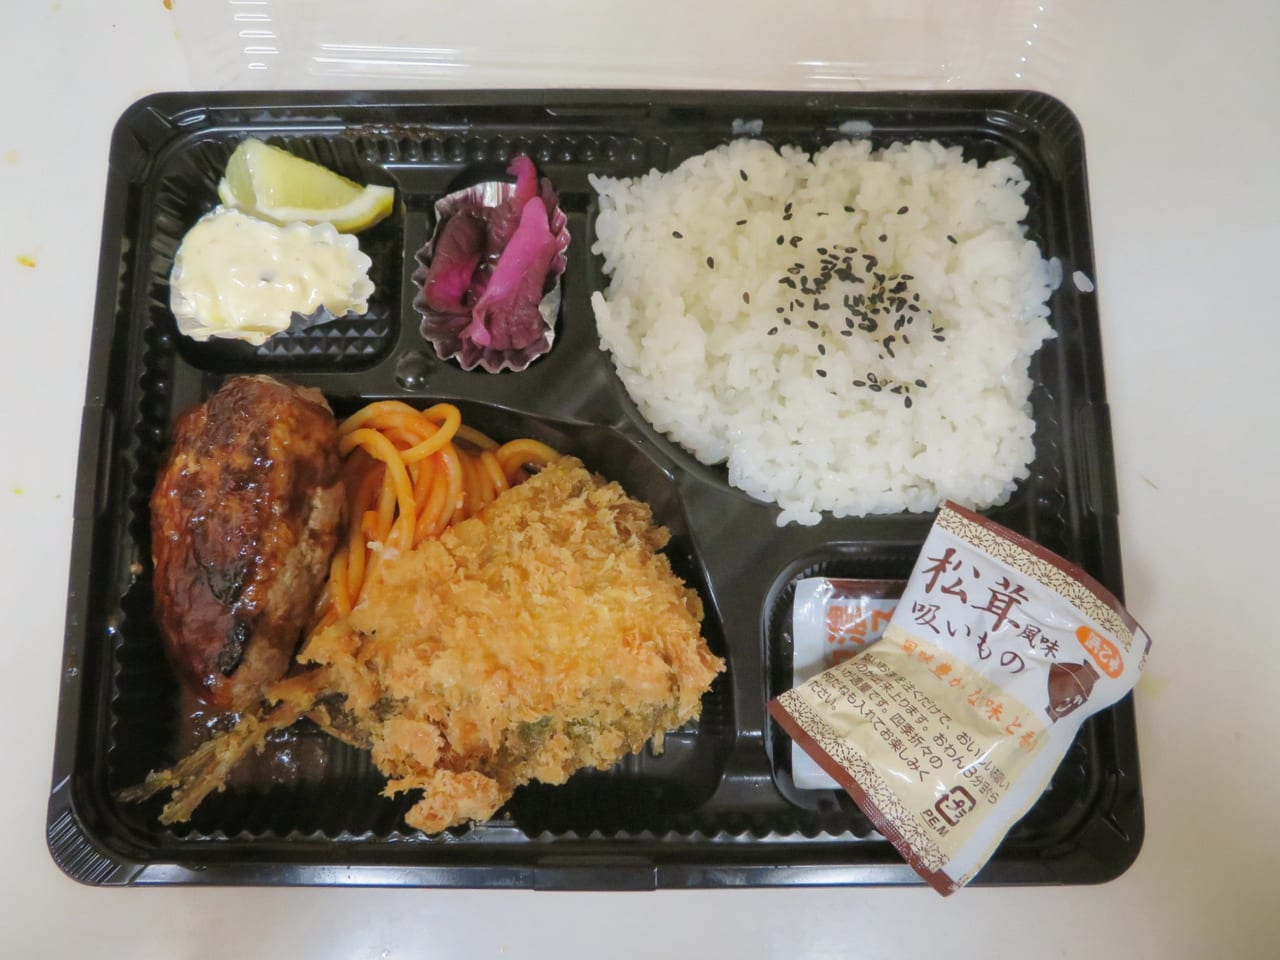 Stay Home Weekにおいしい洋食をご自宅で味わえる「70's kitchen」のテイクアウトお弁当